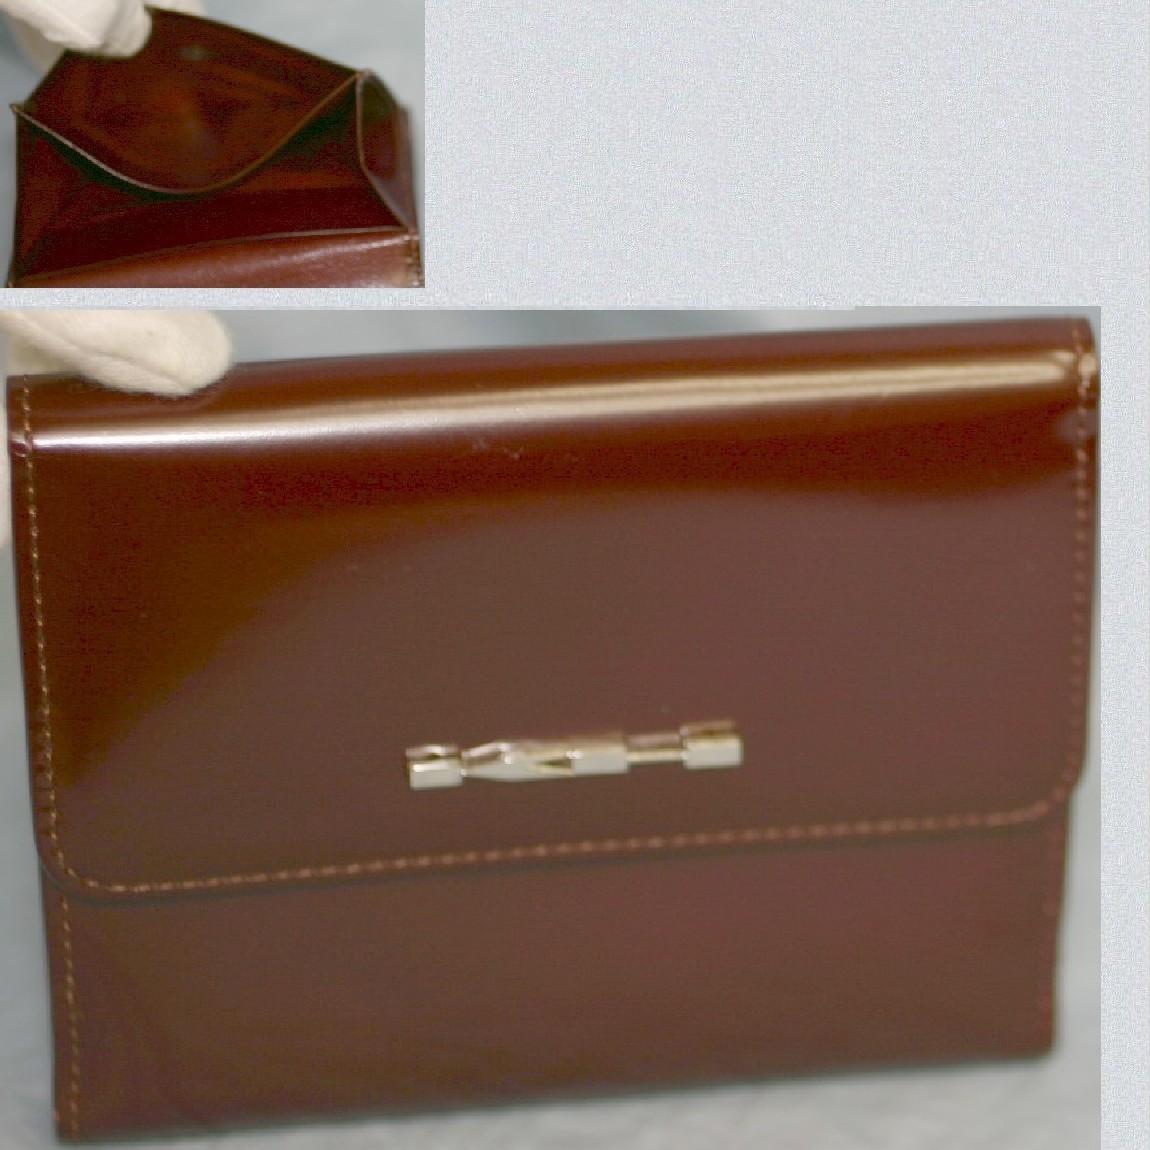 【中古】本物未使用キャサリンハムネット女性用ボルド-革Wホックの財布